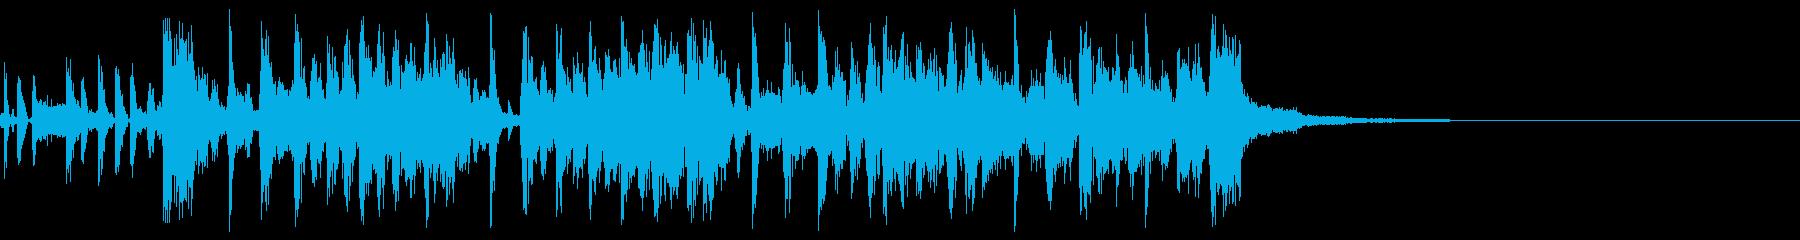 クランクアップの再生済みの波形